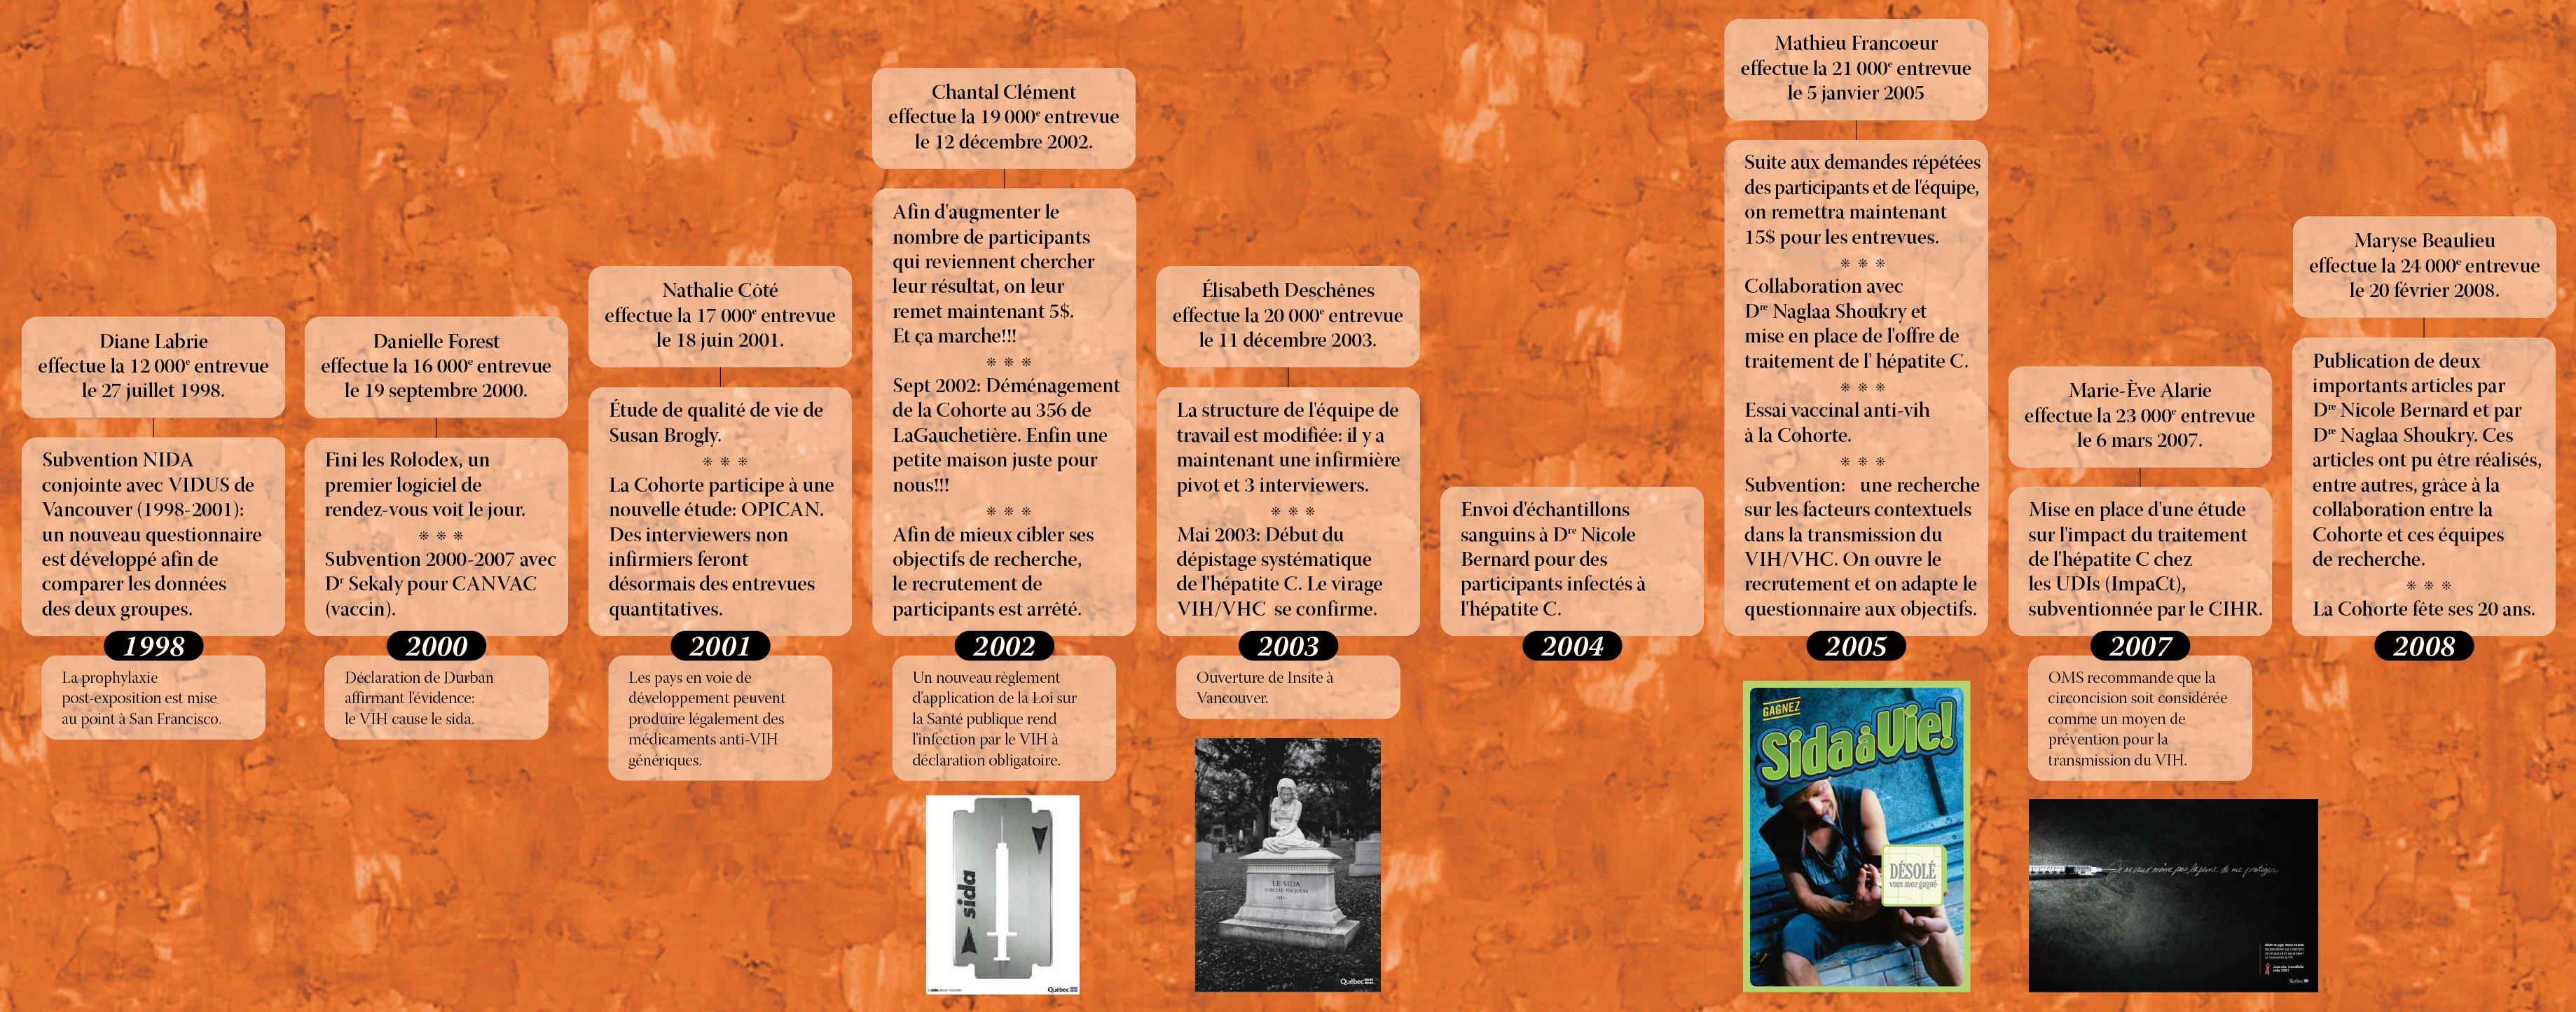 infographie-ligne-du-temps-cohorte-hepco